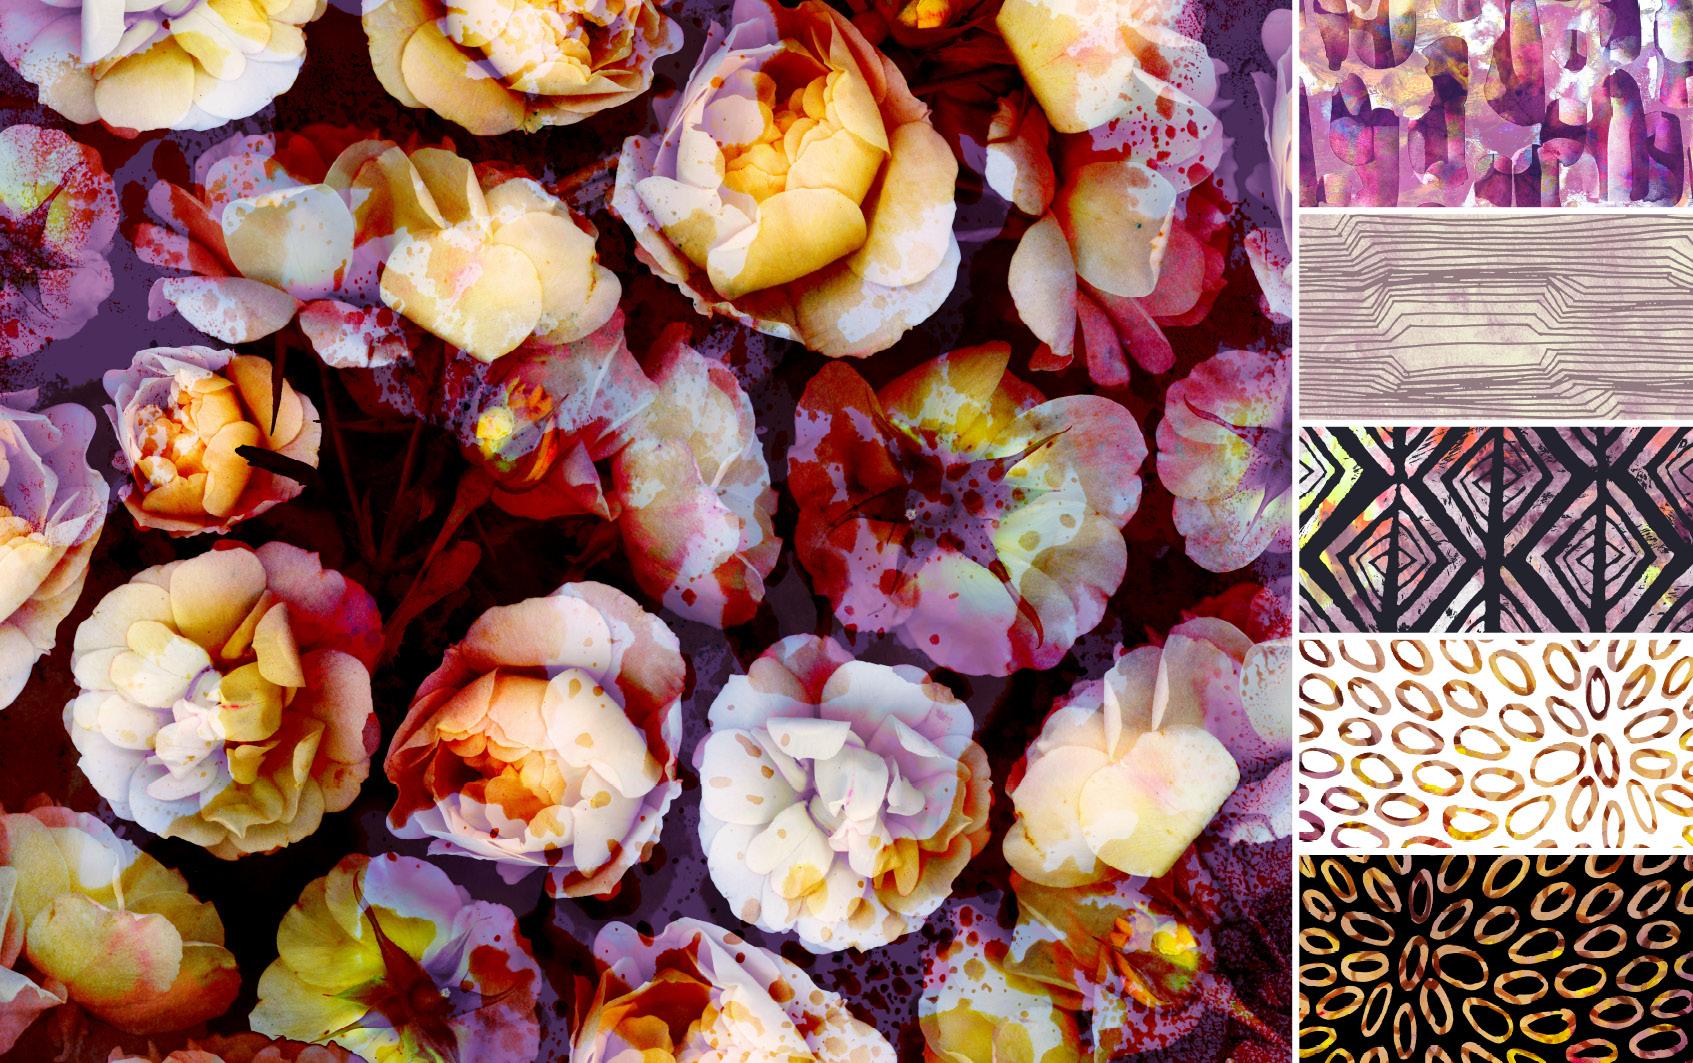 SusanneKasielke-collections-025.jpg